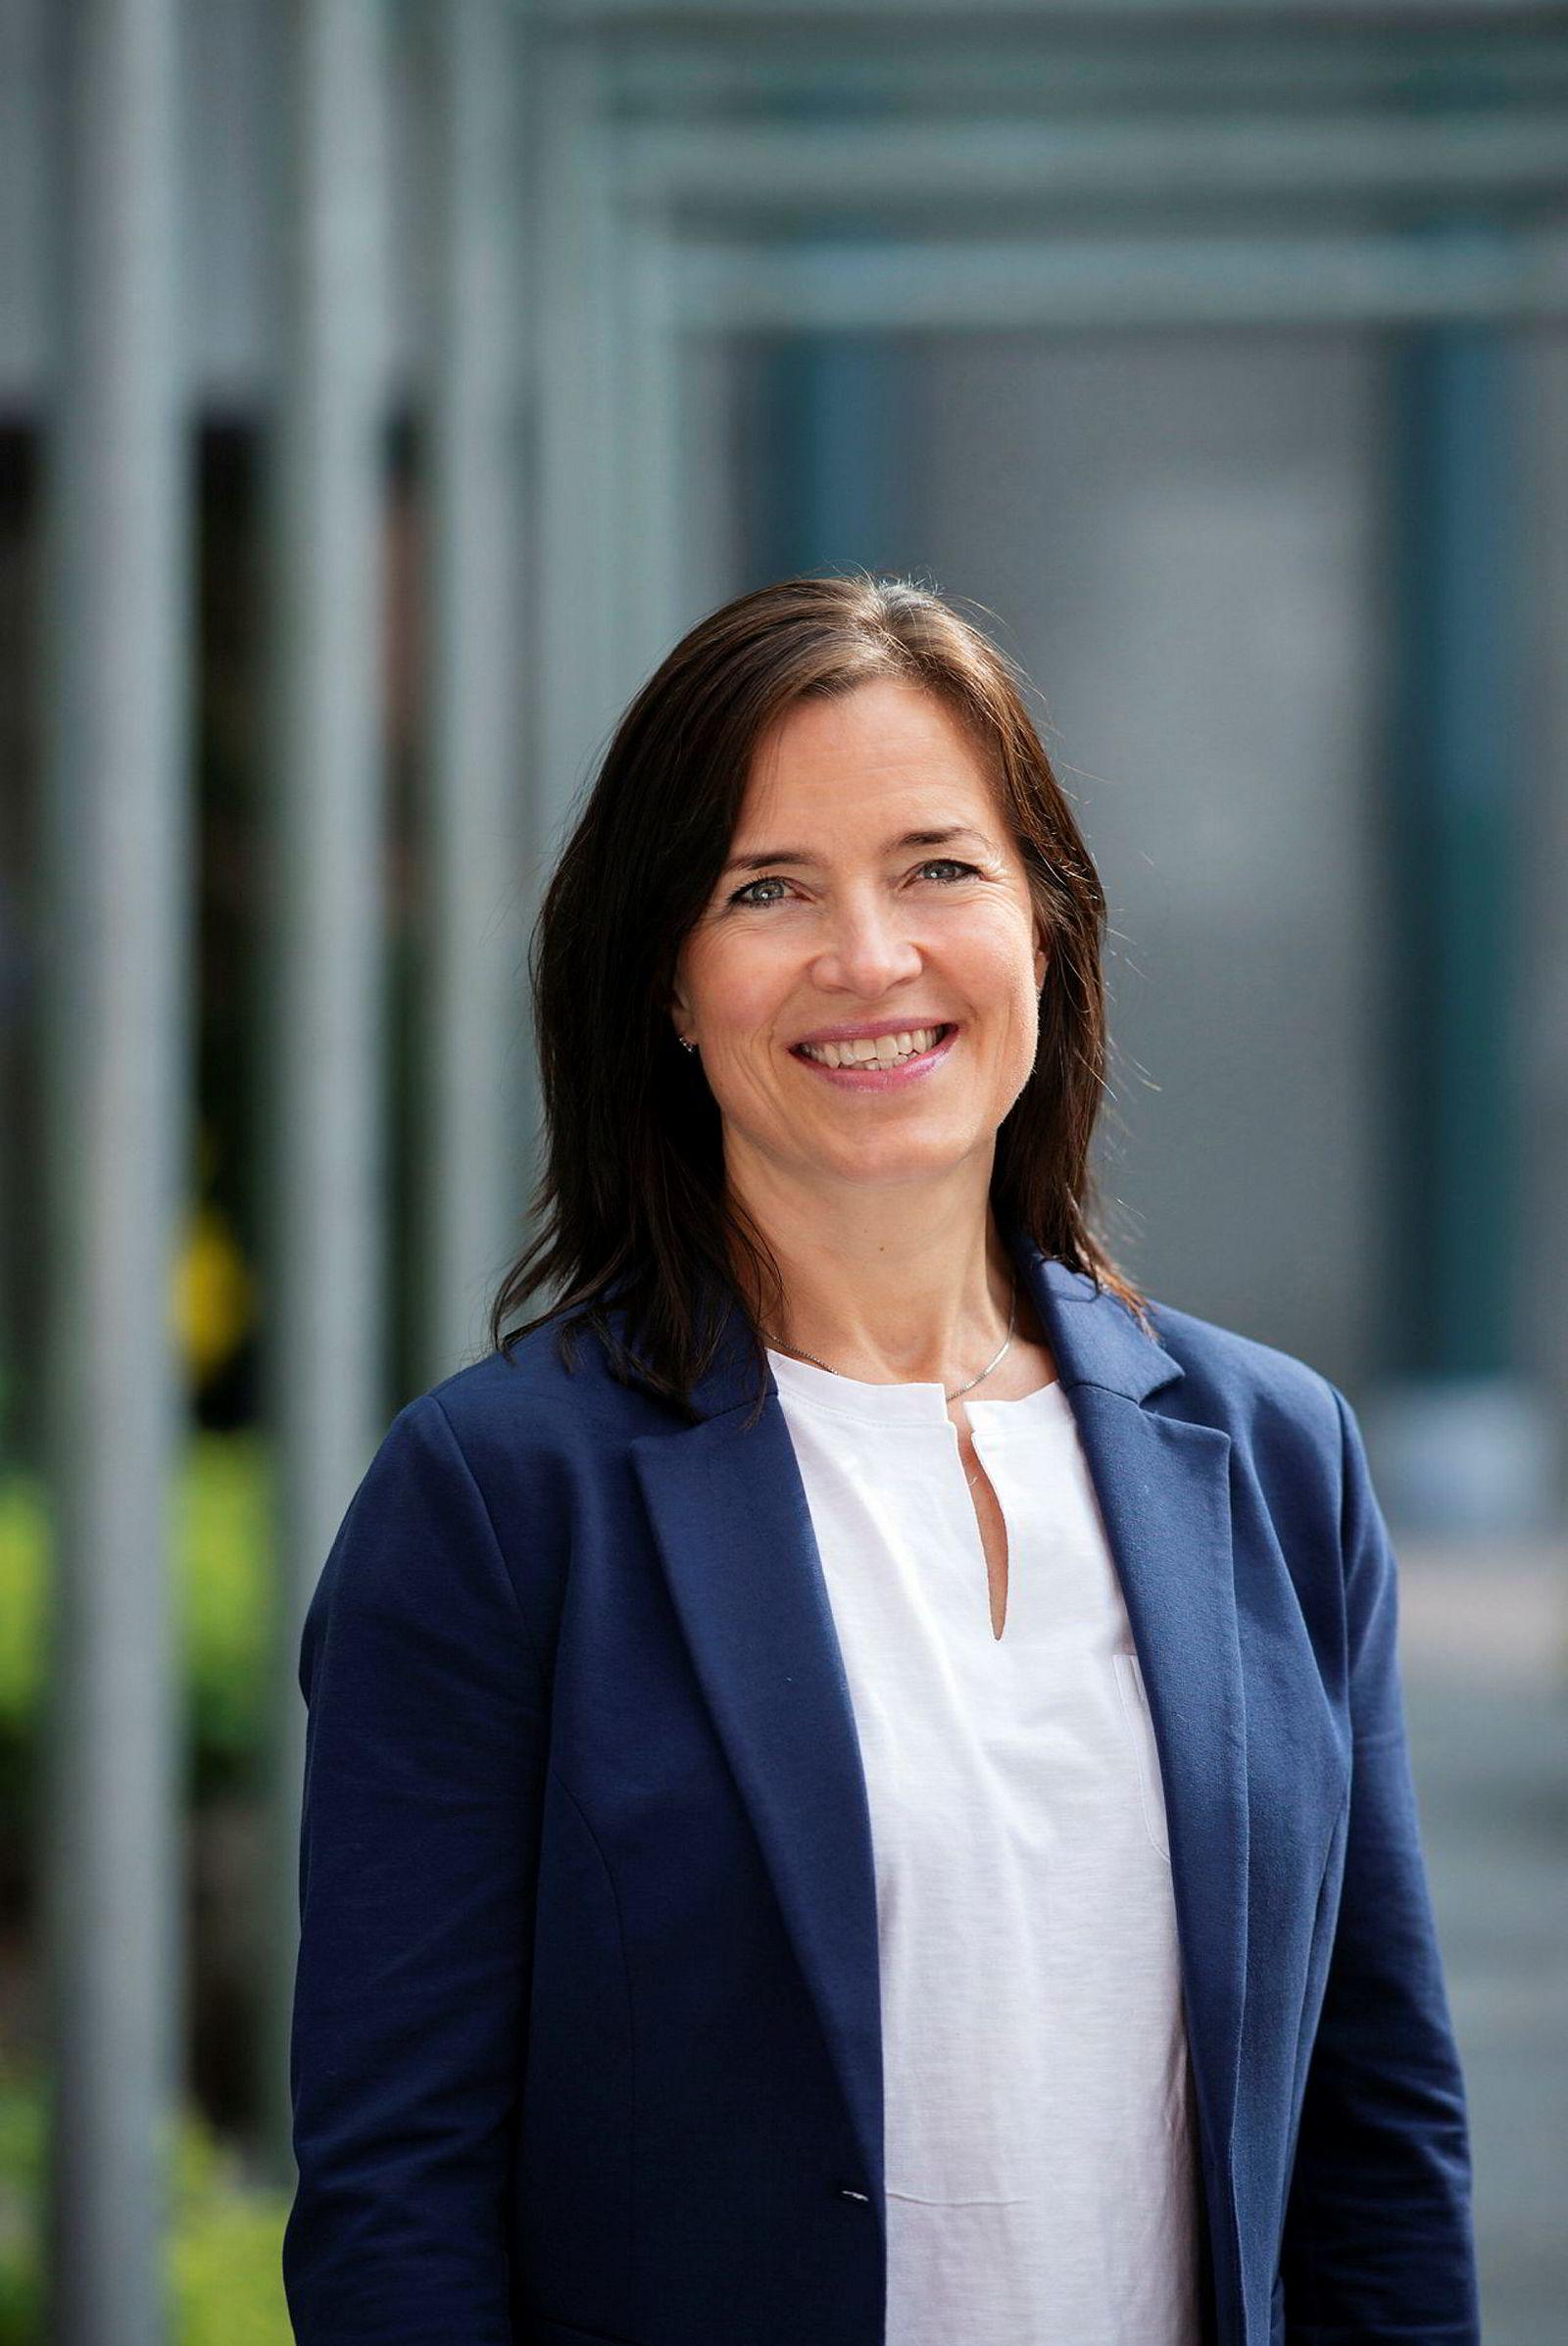 Liv Elin Torheim, professor i samfunnsernæring ved Oslomet storbyuniversitet og leder av Nasjonalt råd for ernæring.